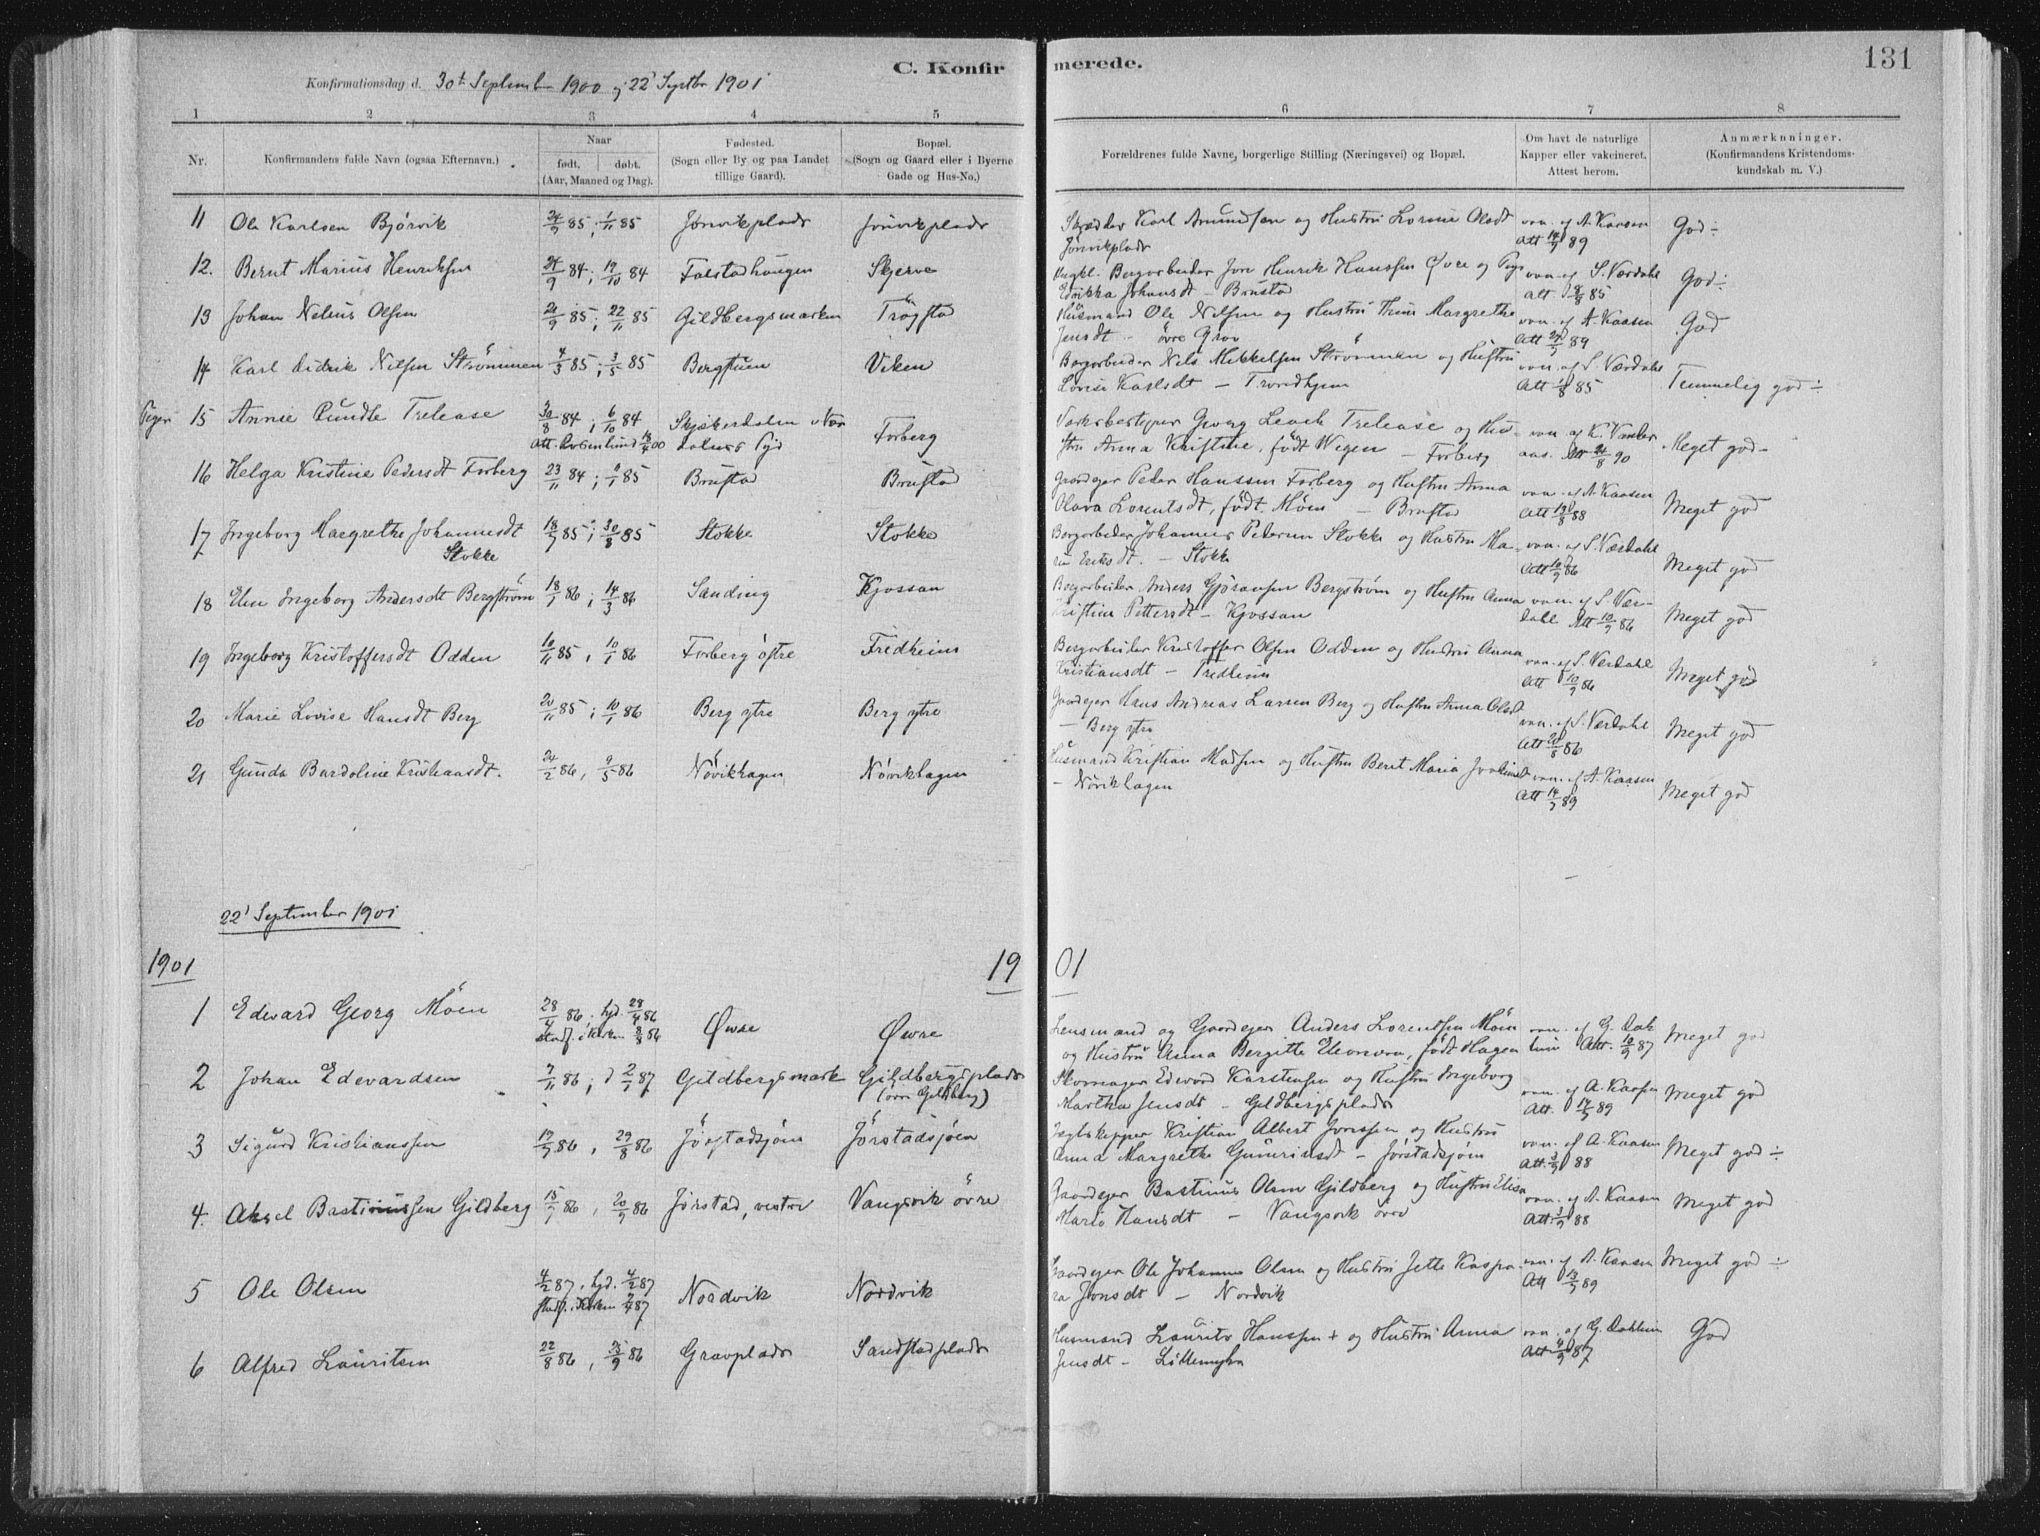 SAT, Ministerialprotokoller, klokkerbøker og fødselsregistre - Nord-Trøndelag, 722/L0220: Ministerialbok nr. 722A07, 1881-1908, s. 131